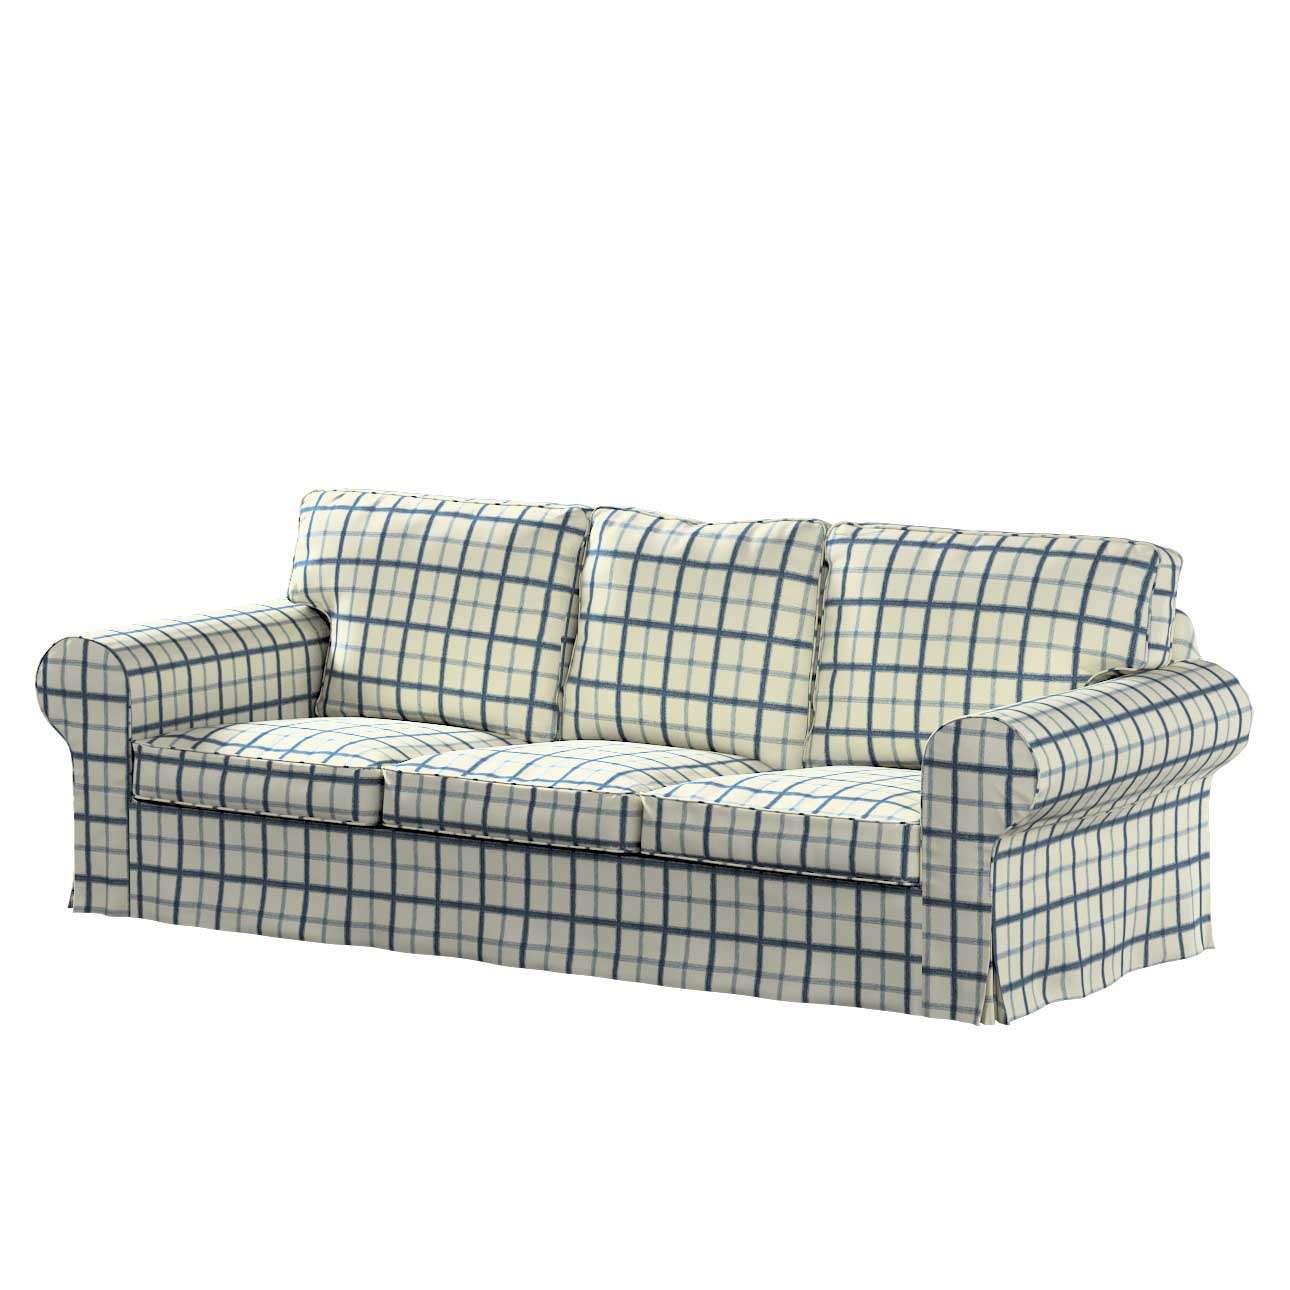 Potah na pohovku IKEA  Ektorp 3-místná, nerozkládací pohovka Ektorp 3-místná v kolekci Avignon, látka: 131-66